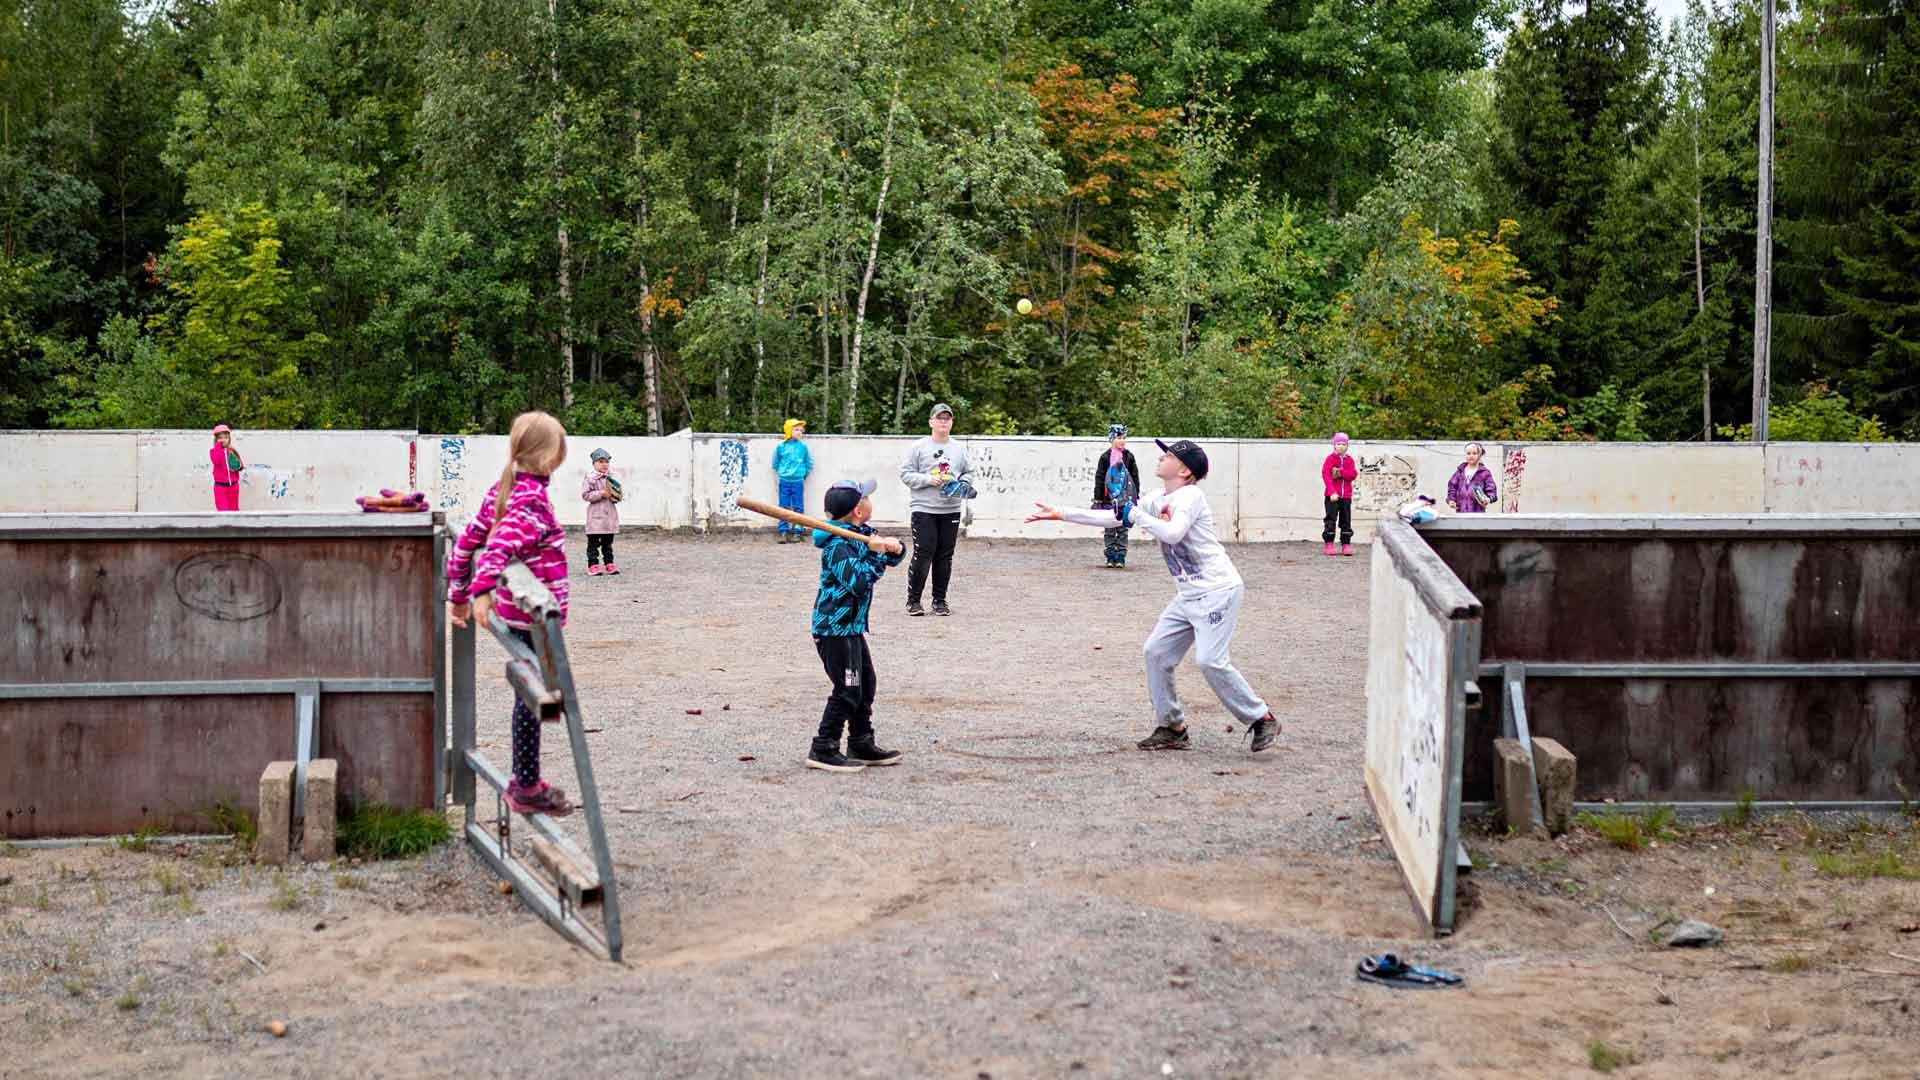 Koittilan kyläkoulussa oppilaat opiskelevat yhdysluokissa: esikoululaiset ja 1–2-luokkalaiset yhdessä ja 3–6-luokkalaiset yhdessä.